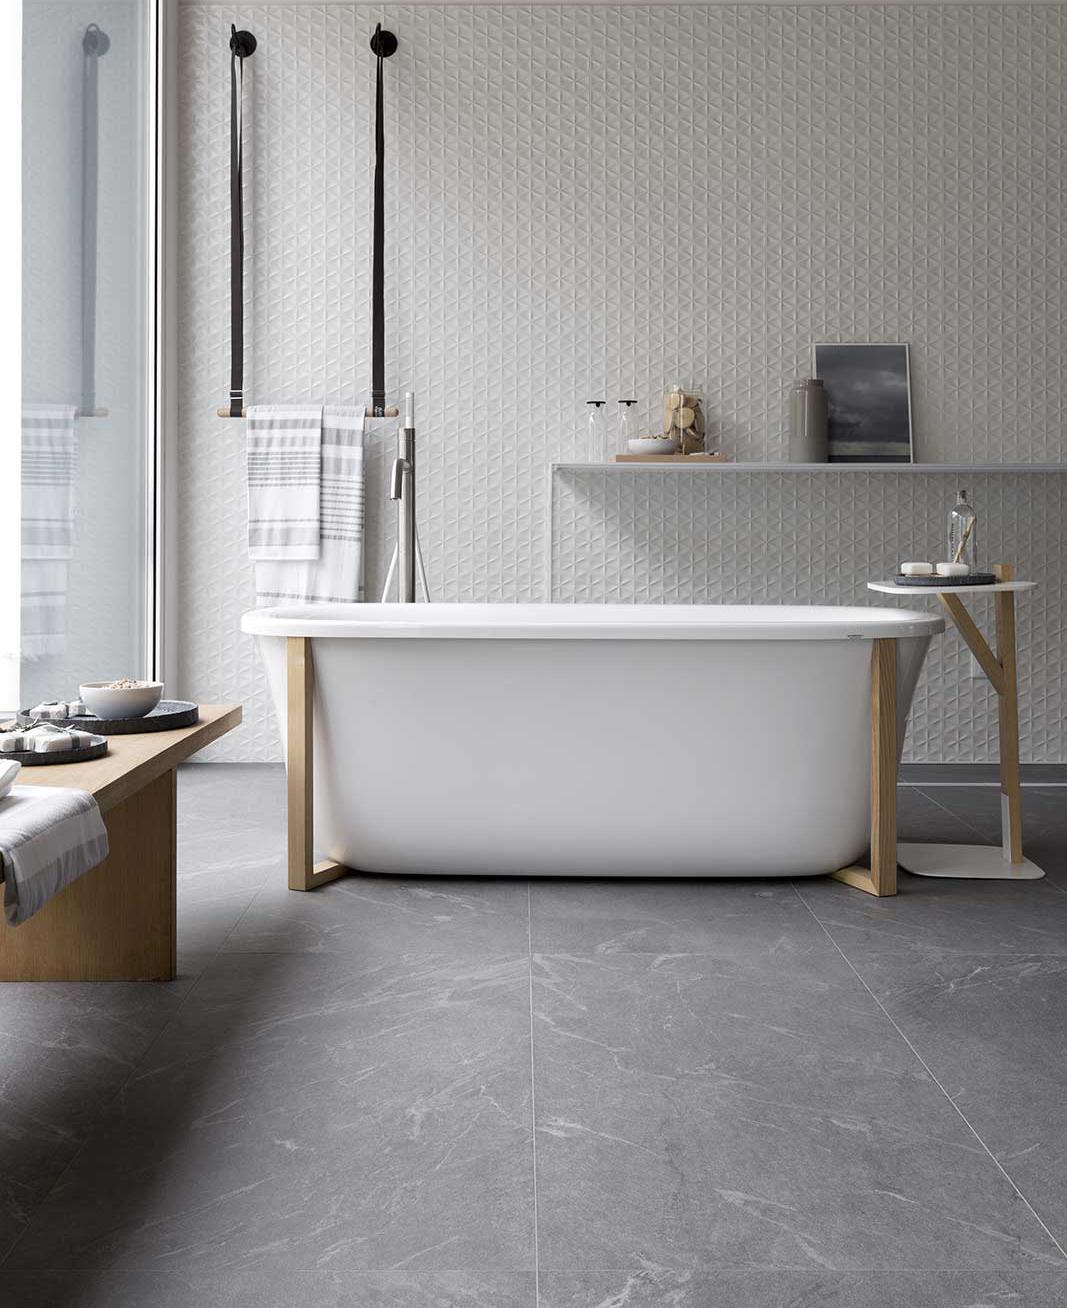 Piastrelle bagno in gres porcellanato ragno - Stuccare piastrelle bagno ...